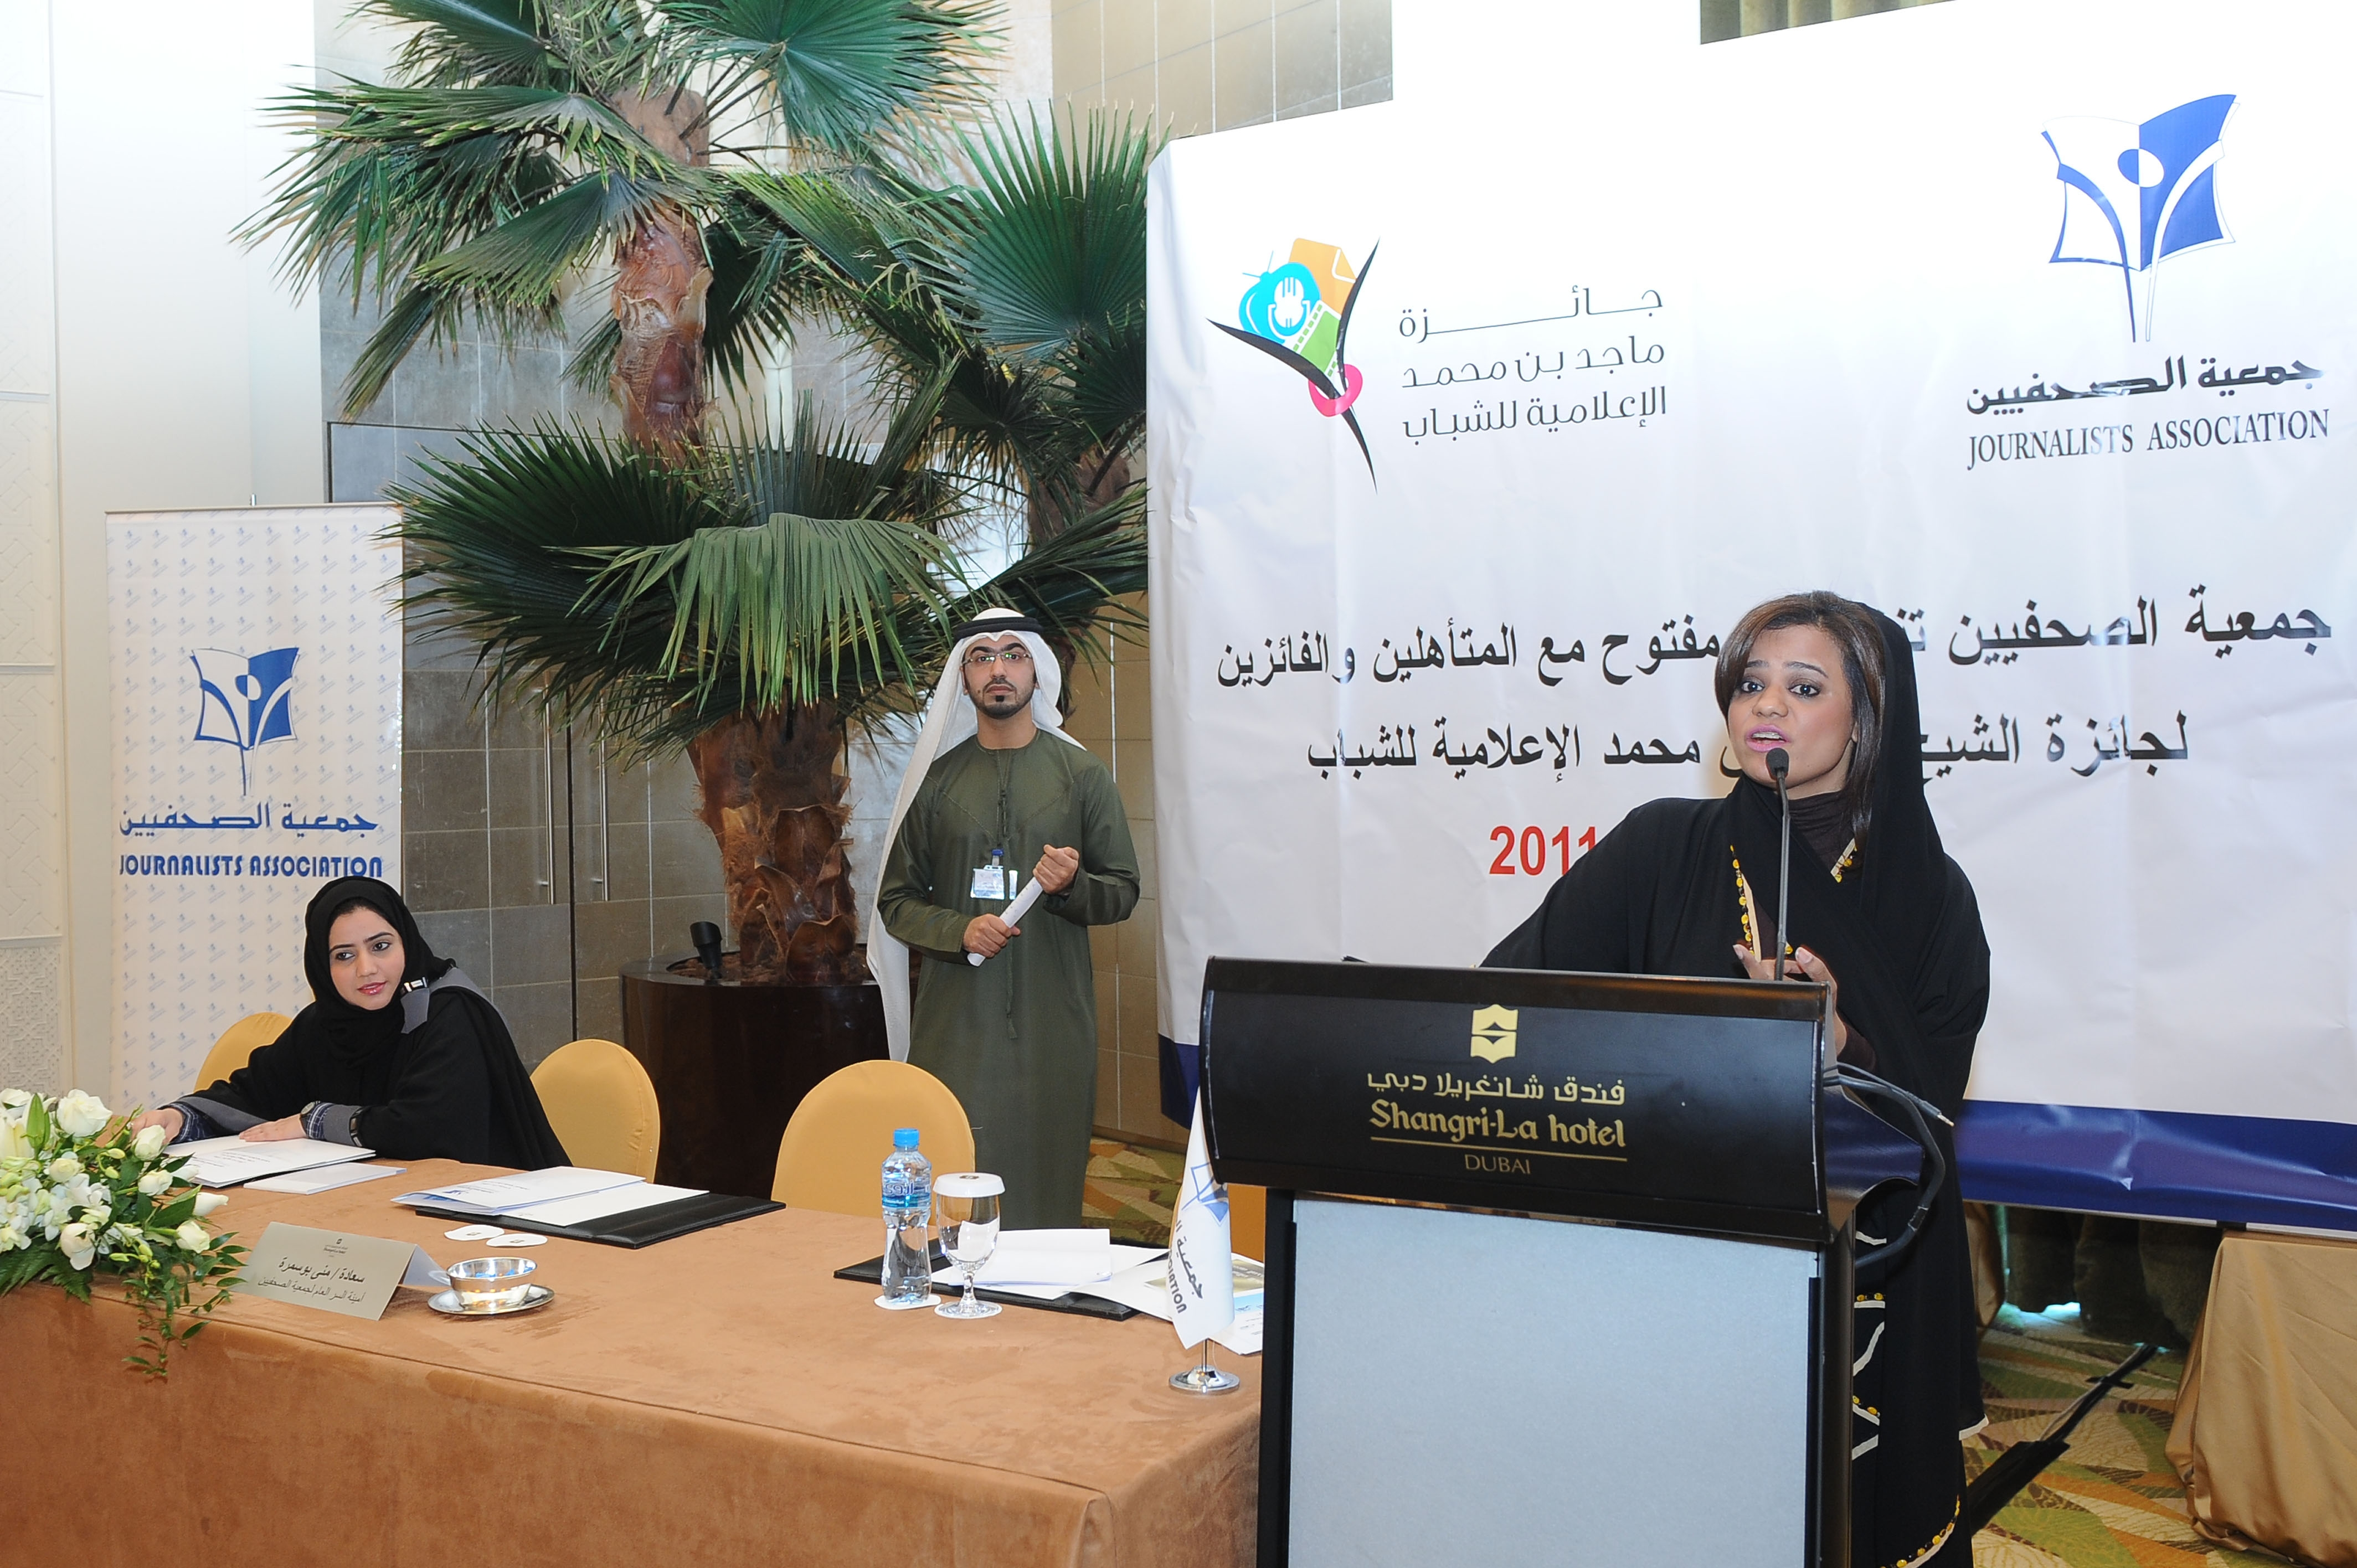 جمعية الصحفيين تناقش احتياجات المتأهلين في جائزة ماجد بن محمد الإعلامية